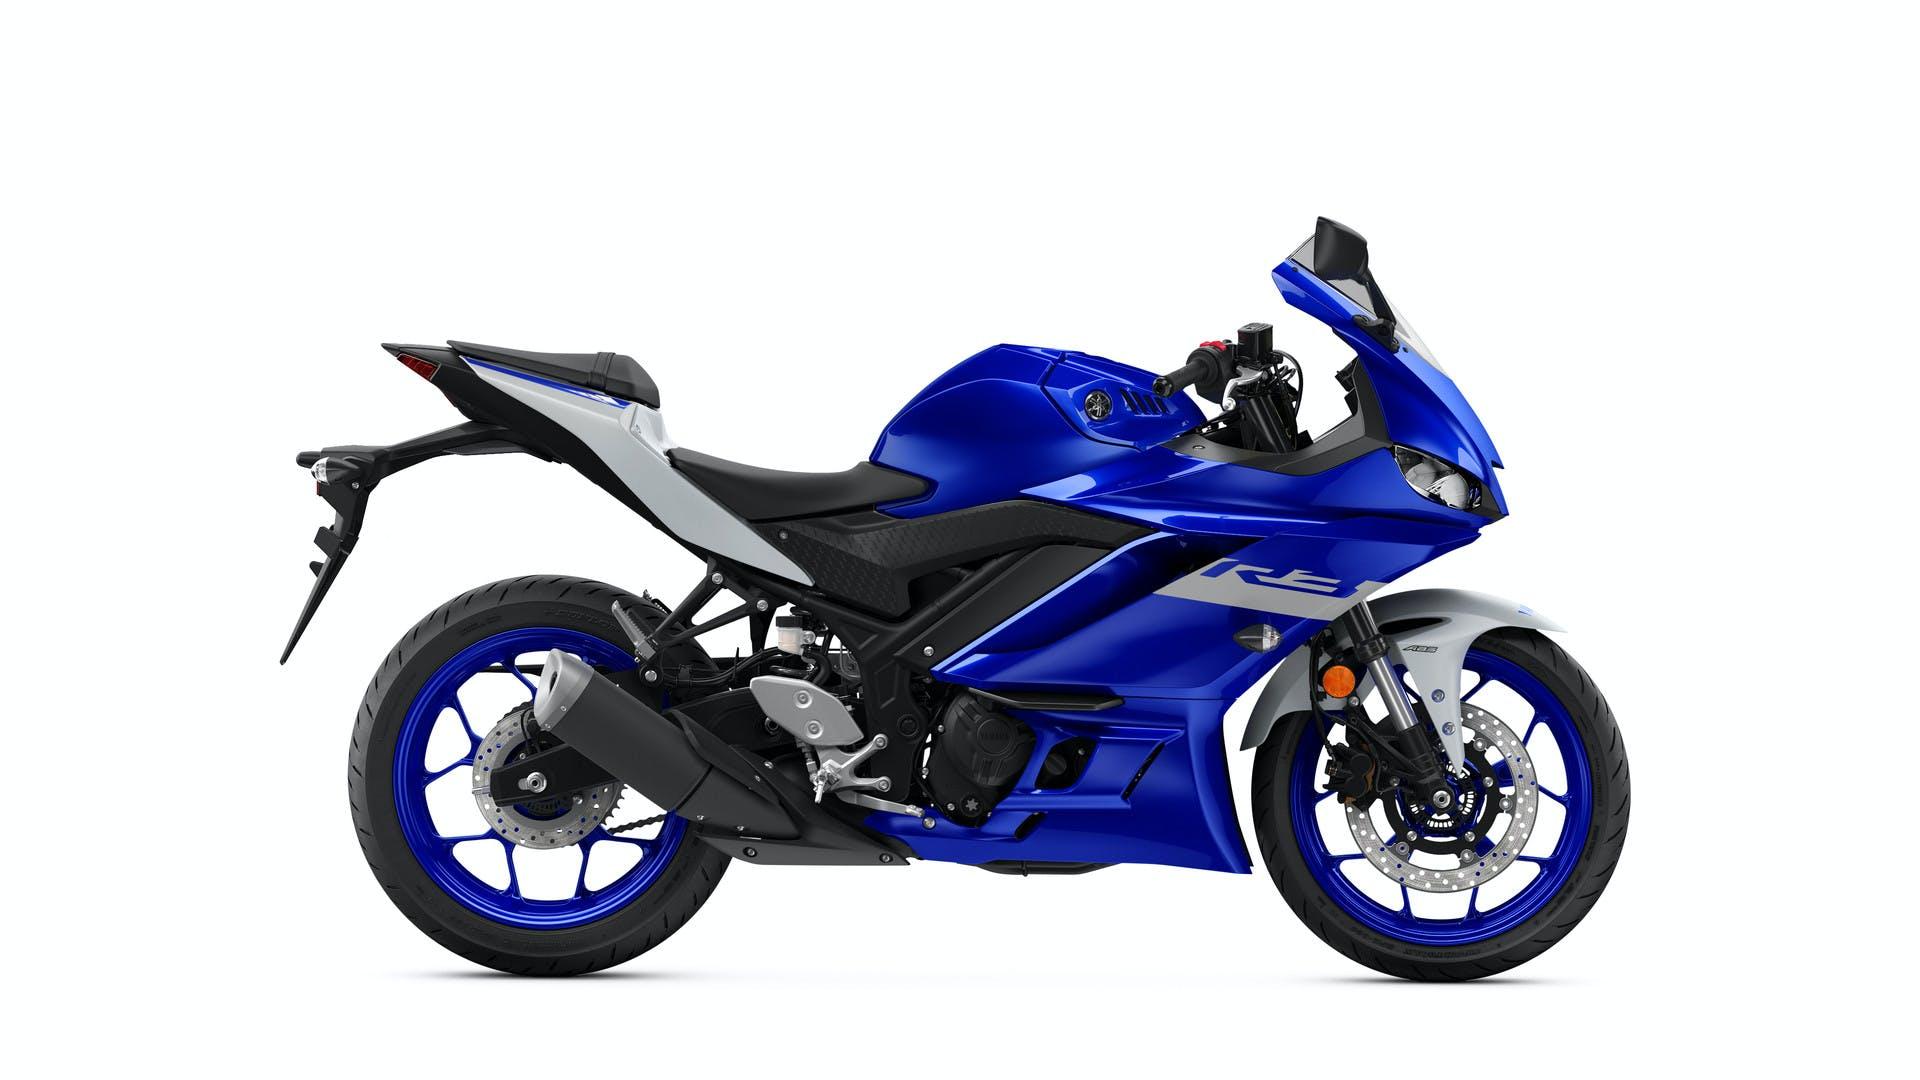 Yamaha YZF-R3 in team yamaha blue colour